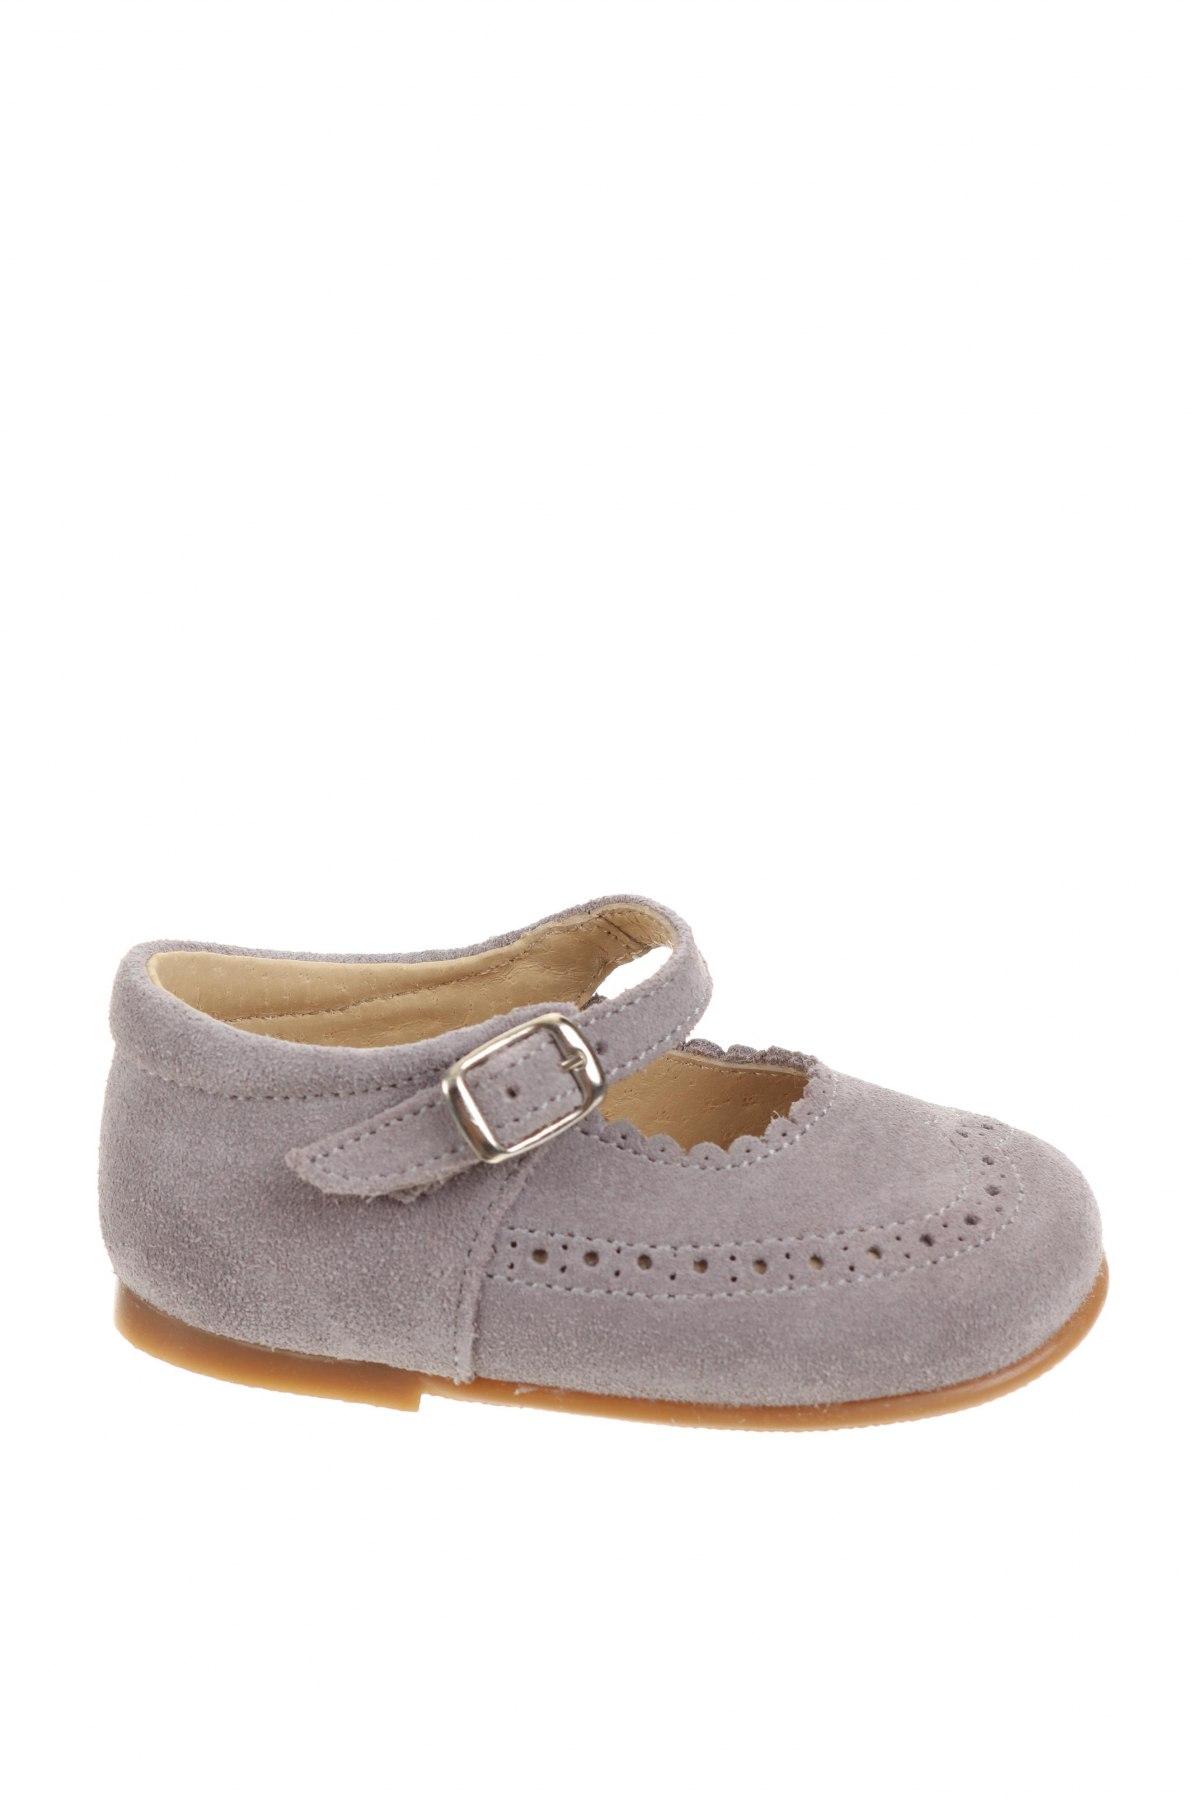 Детски обувки Lola Palacios, Размер 20, Цвят Сив, Естествен велур, Цена 20,47лв.